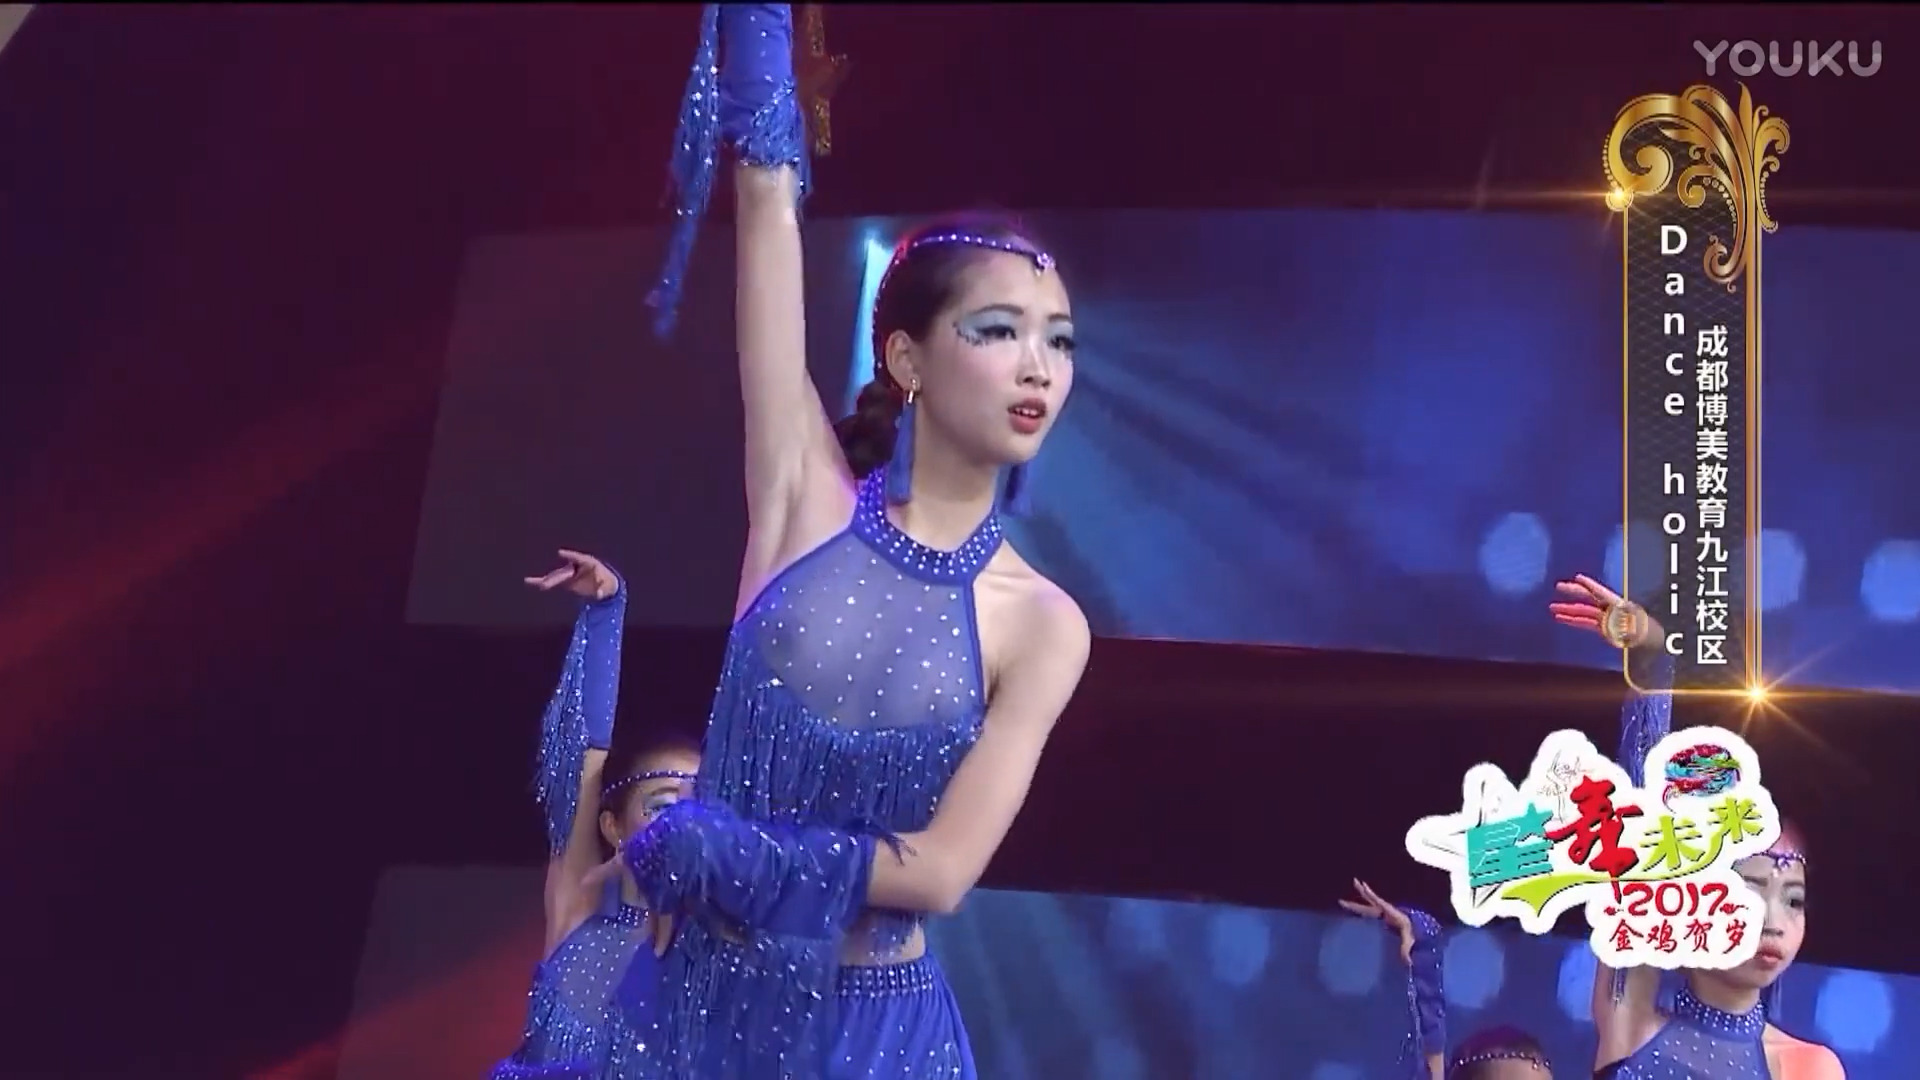 星舞未来少儿春节特别节目第11期20170207 Dance Holic 03:30